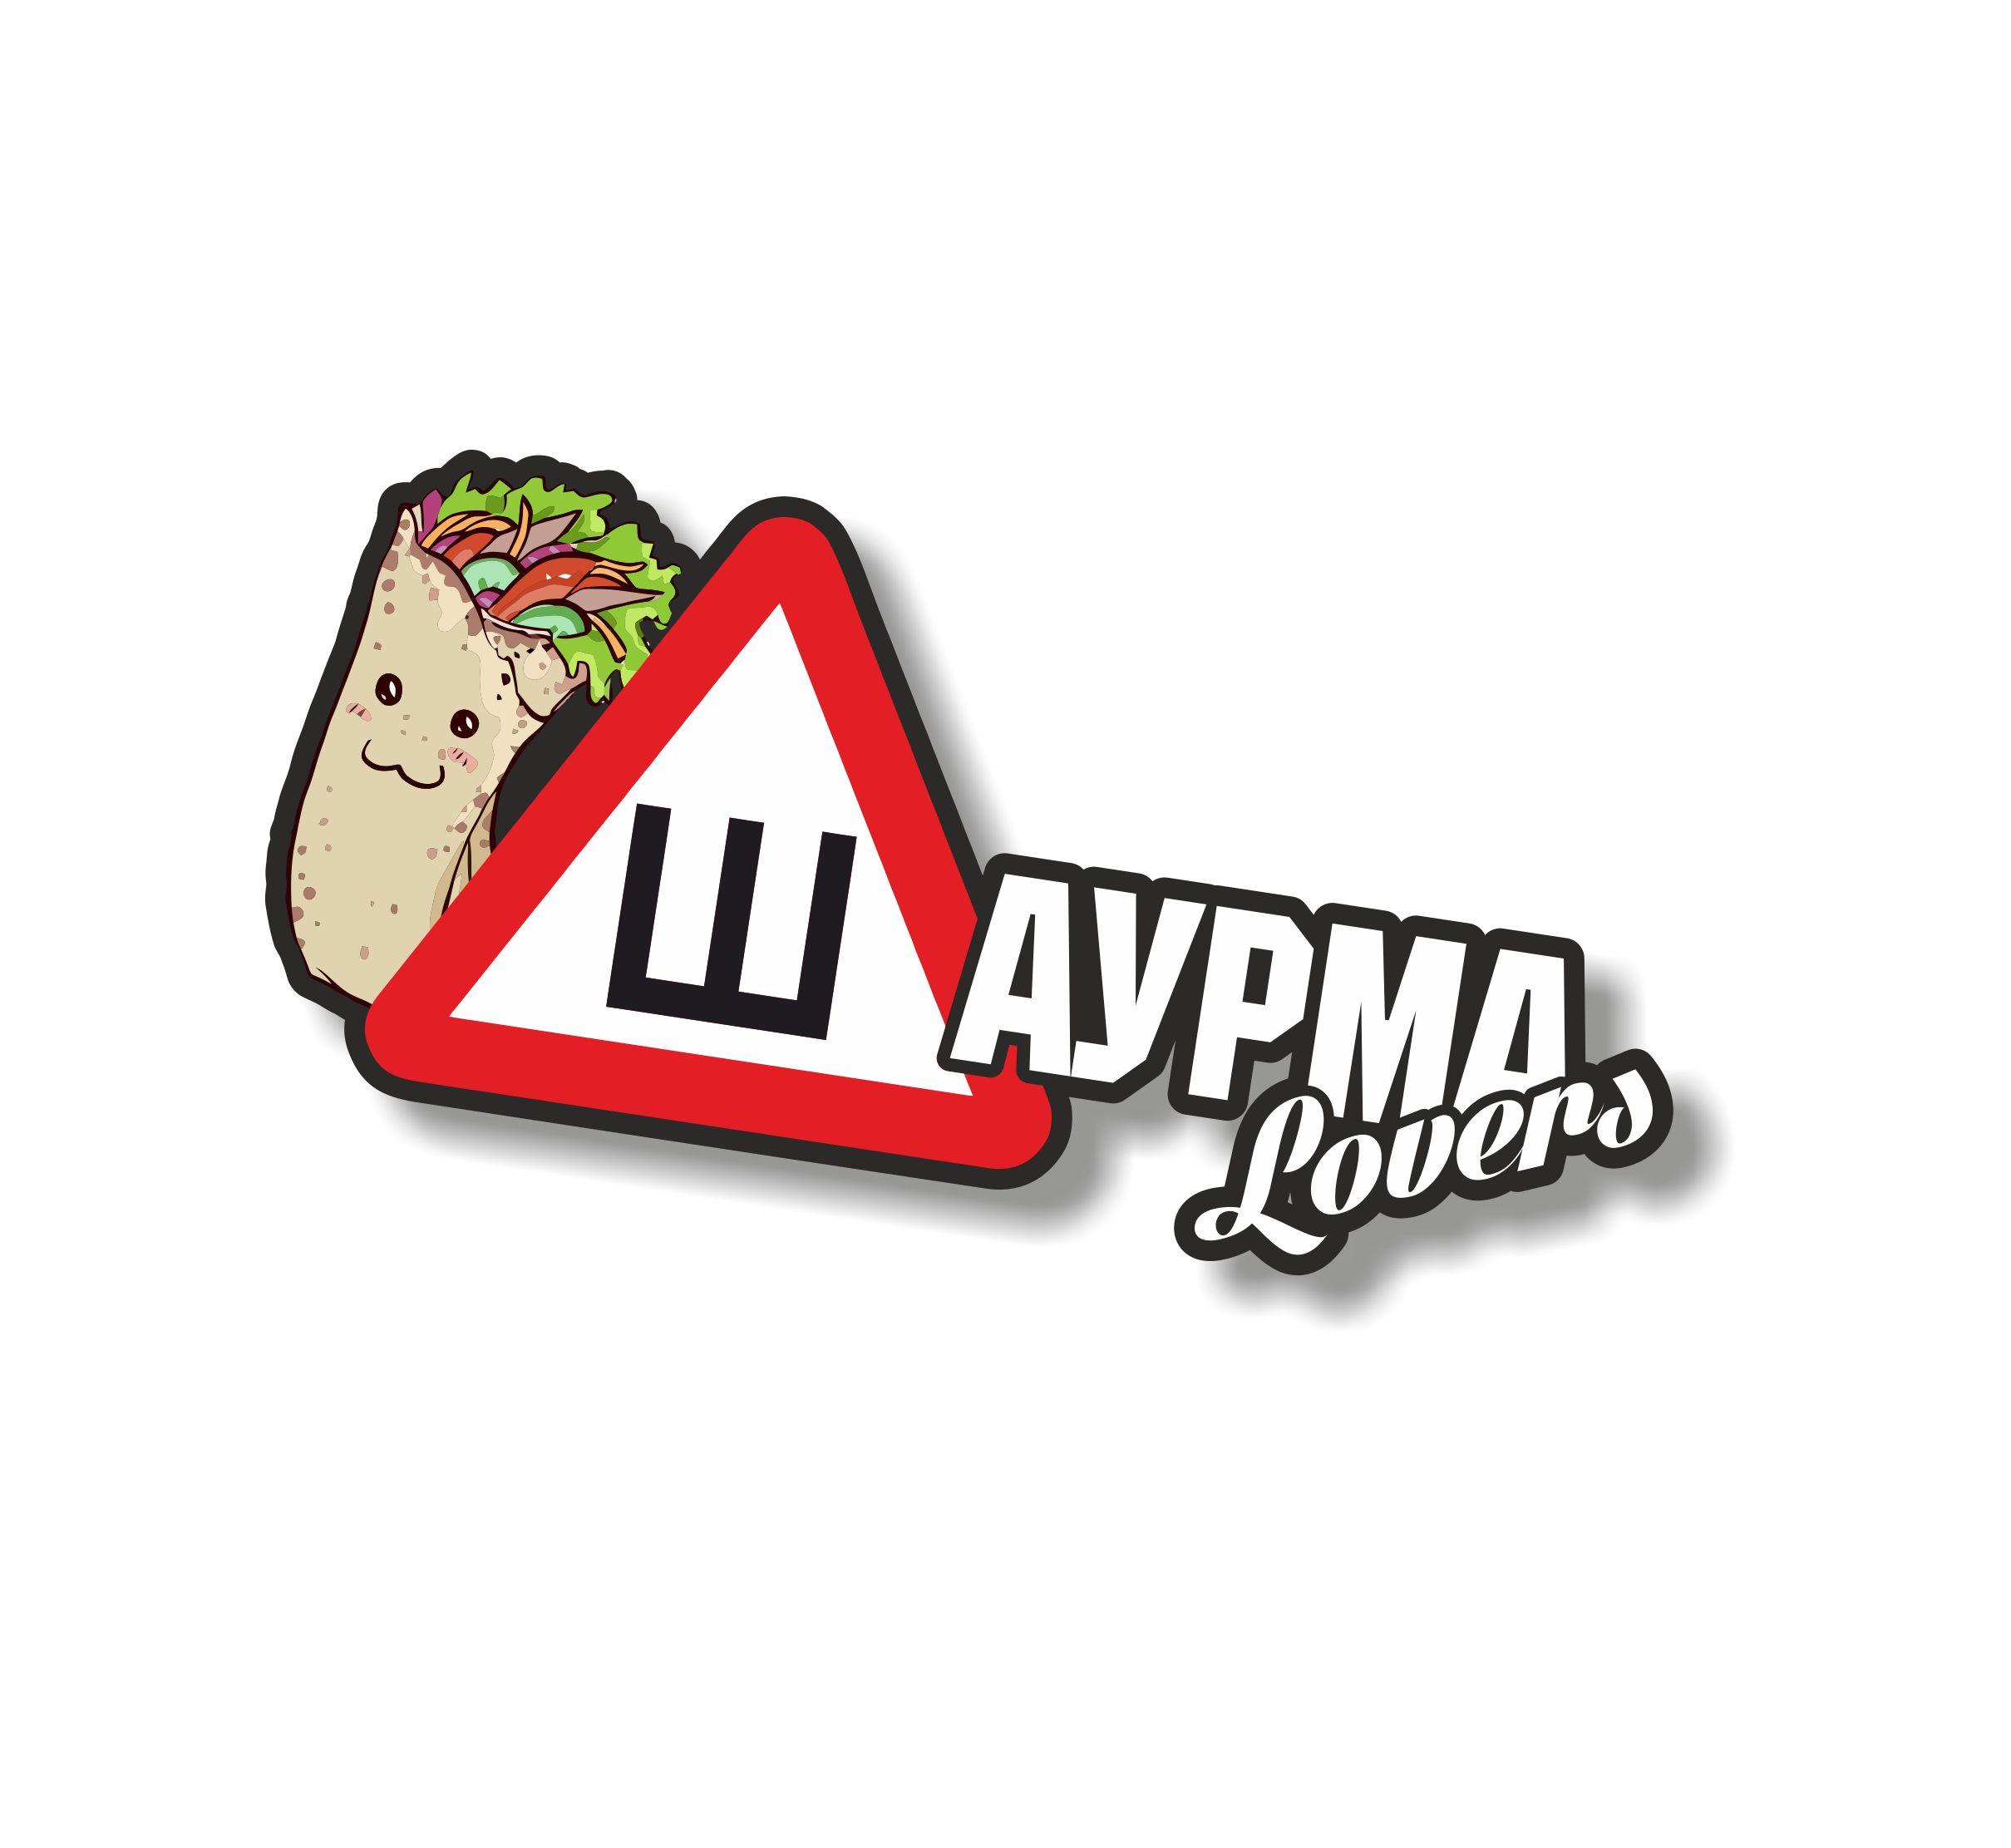 Ш- шаурма